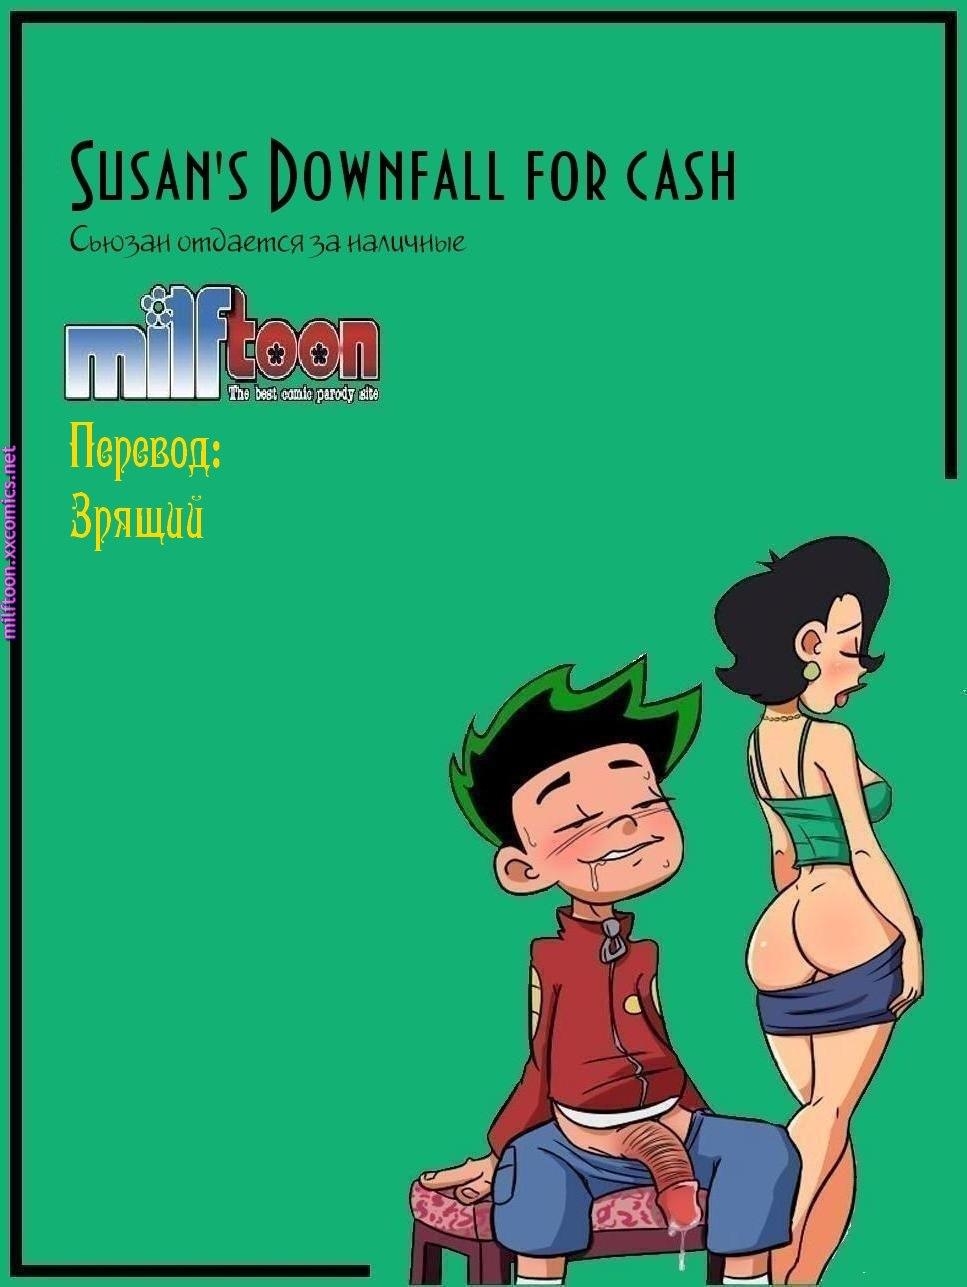 Porn Comics - Susan's Downfall For Cash-Russian porn comics 8 muses